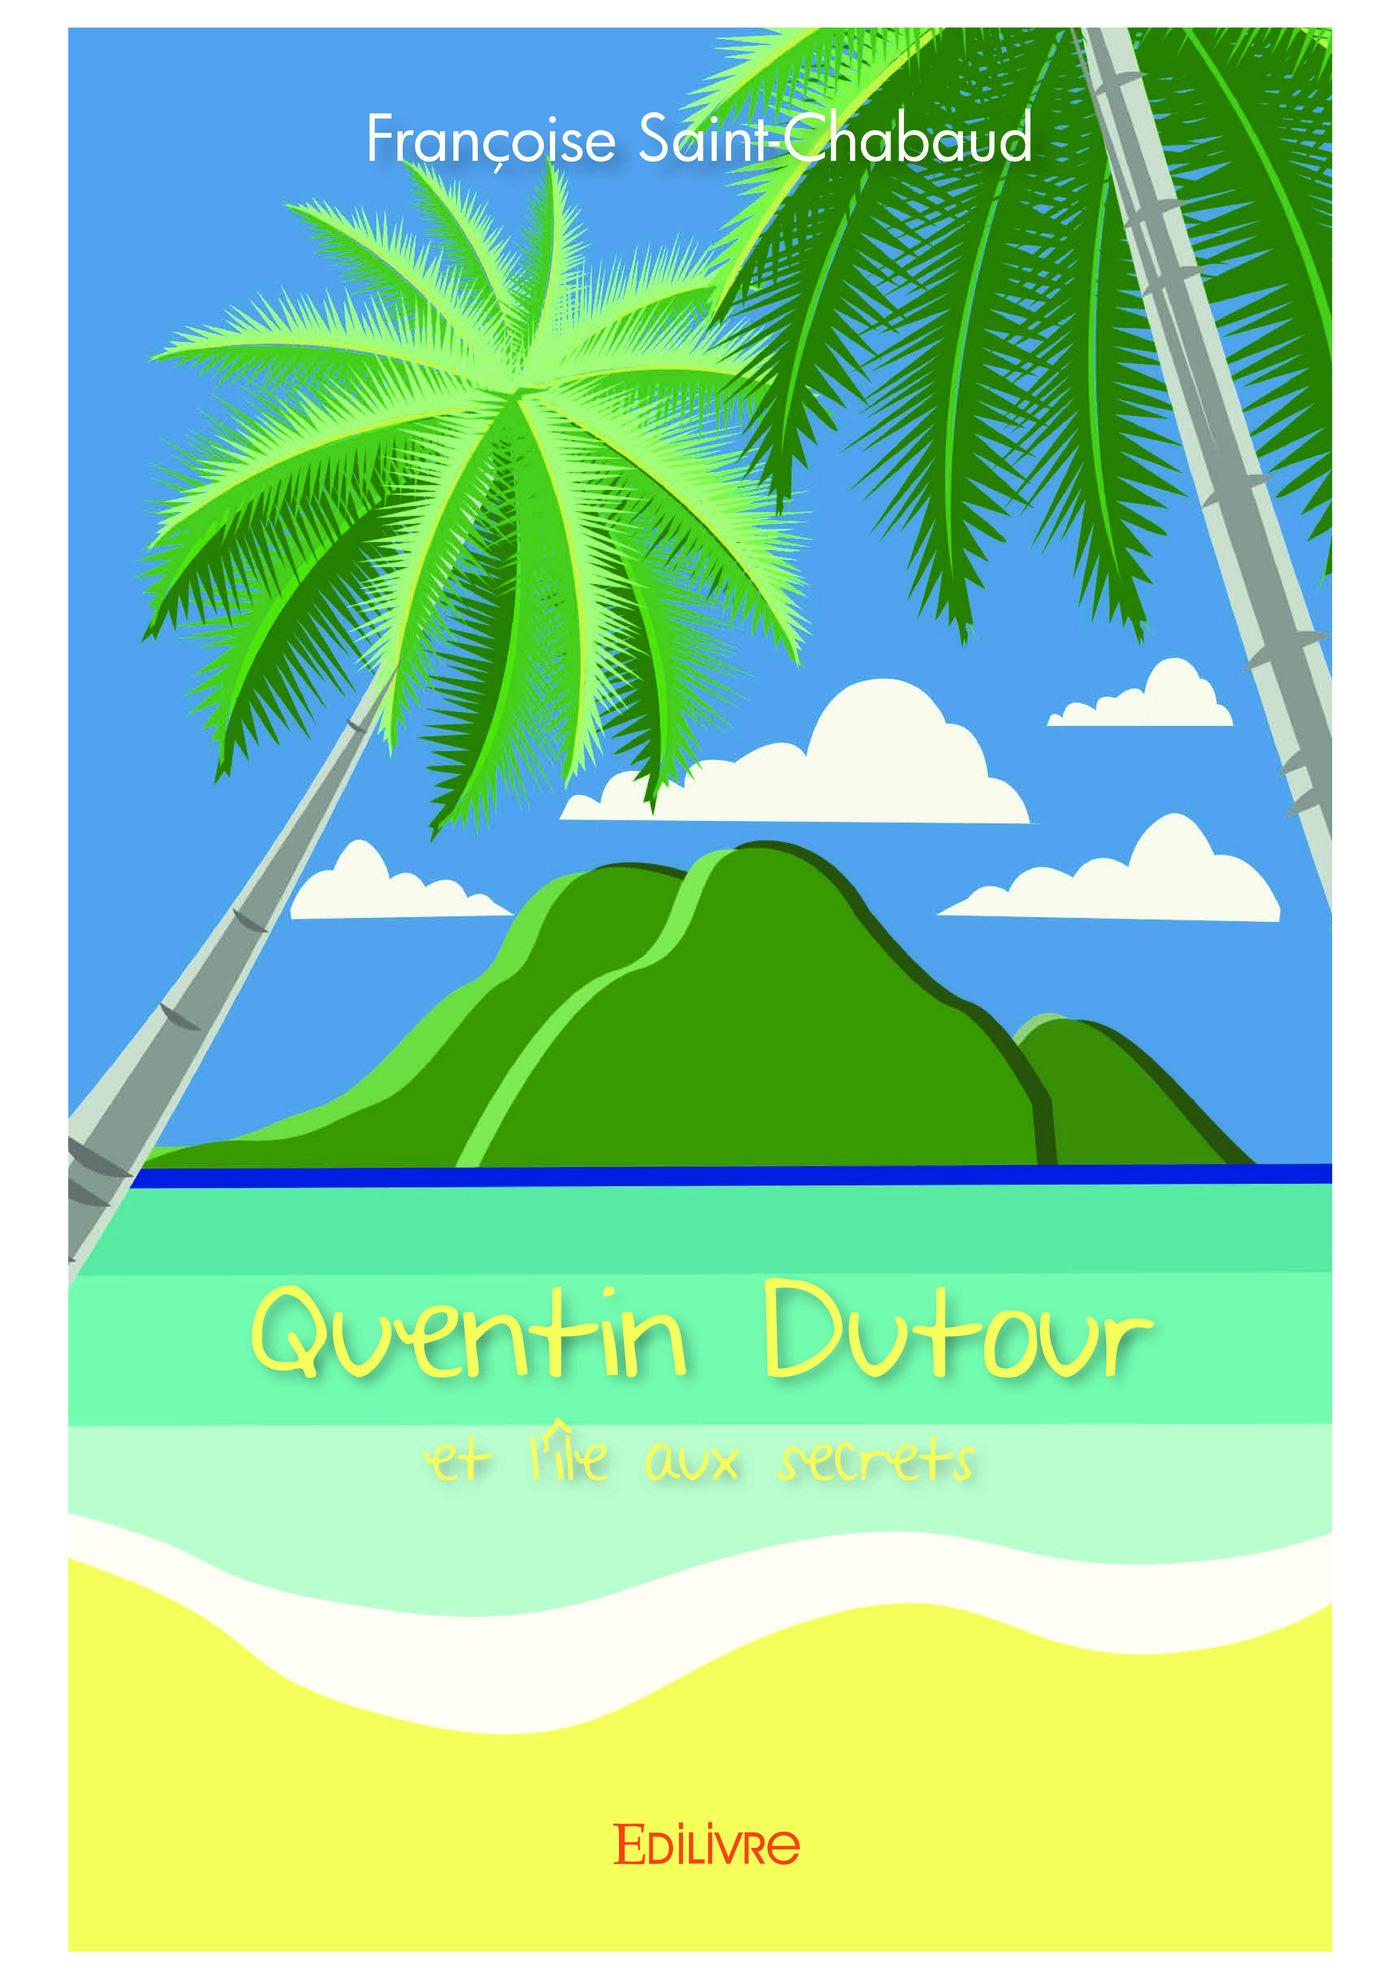 Quentin dutour et l'ile aux secrets